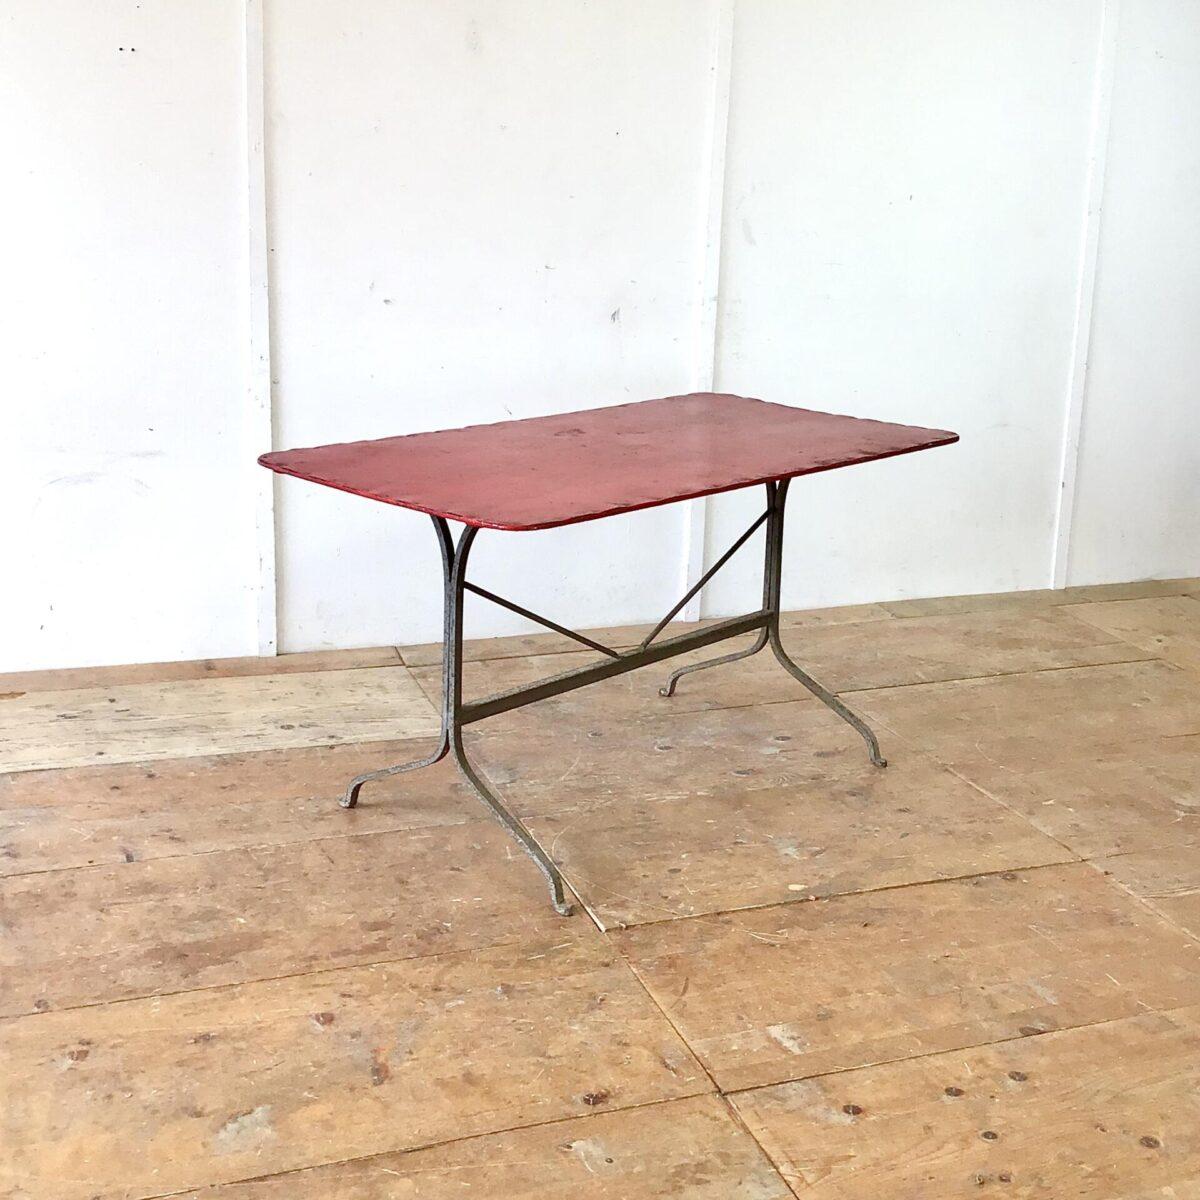 Antiker Jugendstil Gartentisch 140x75cm Höhe 75cm. Dieser Metalltisch hat sichtbare Alterszeichen, keine Durchrostung.